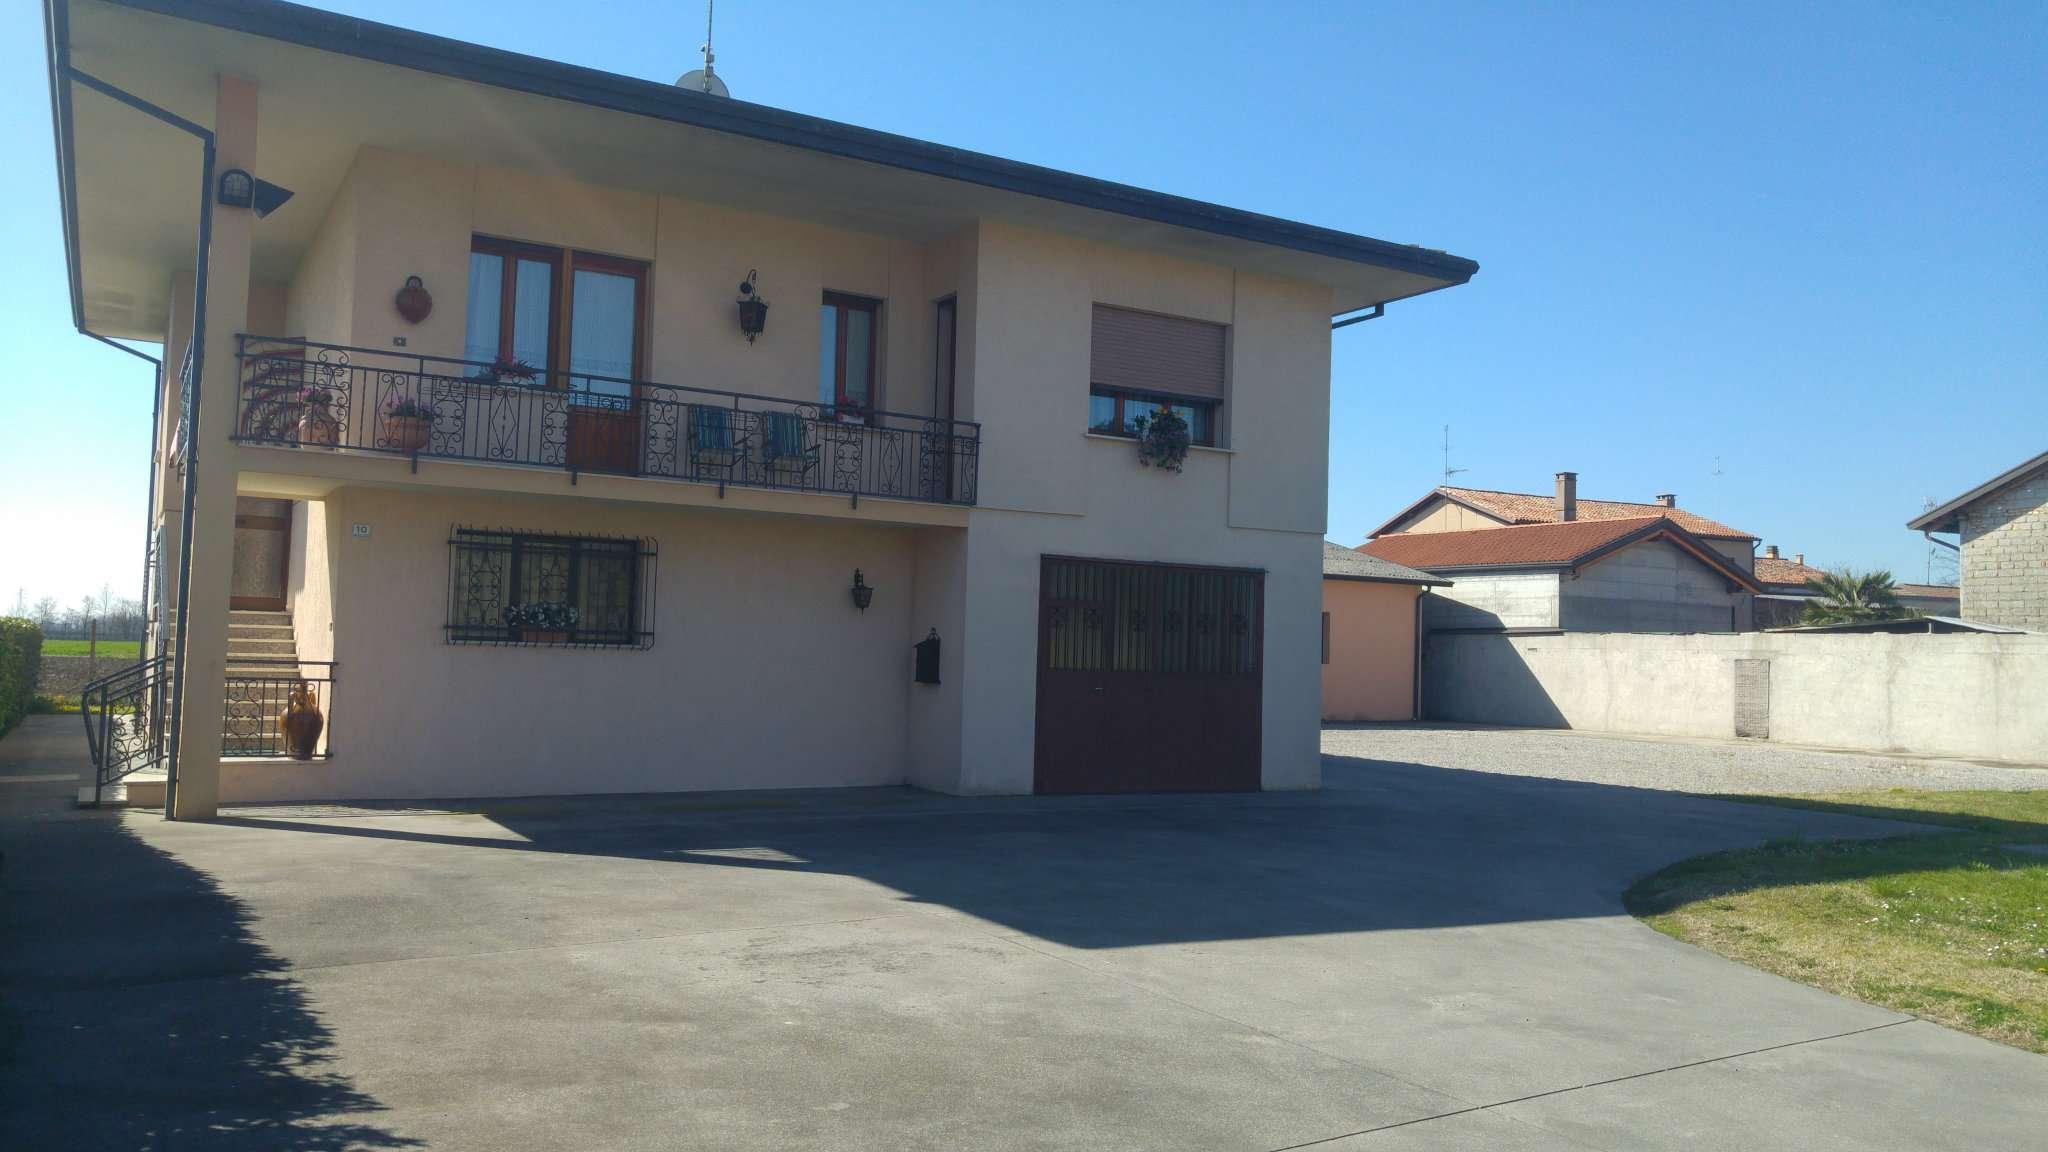 Soluzione Indipendente in vendita a Gaiarine, 5 locali, prezzo € 220.000 | CambioCasa.it